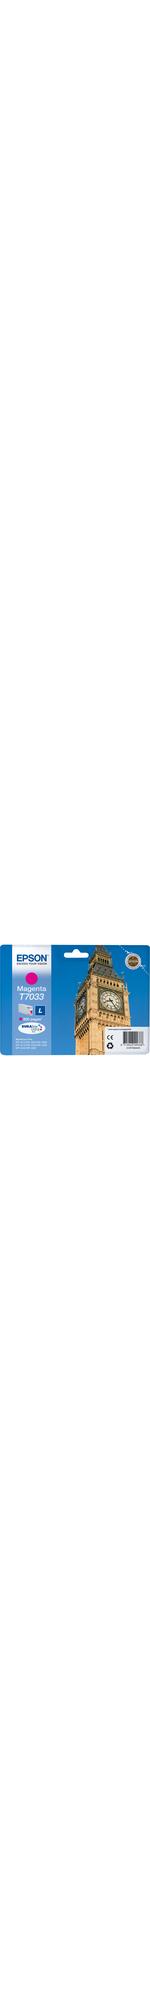 Epson DURABrite Ultra C13T70334010 Ink Cartridge - Magenta